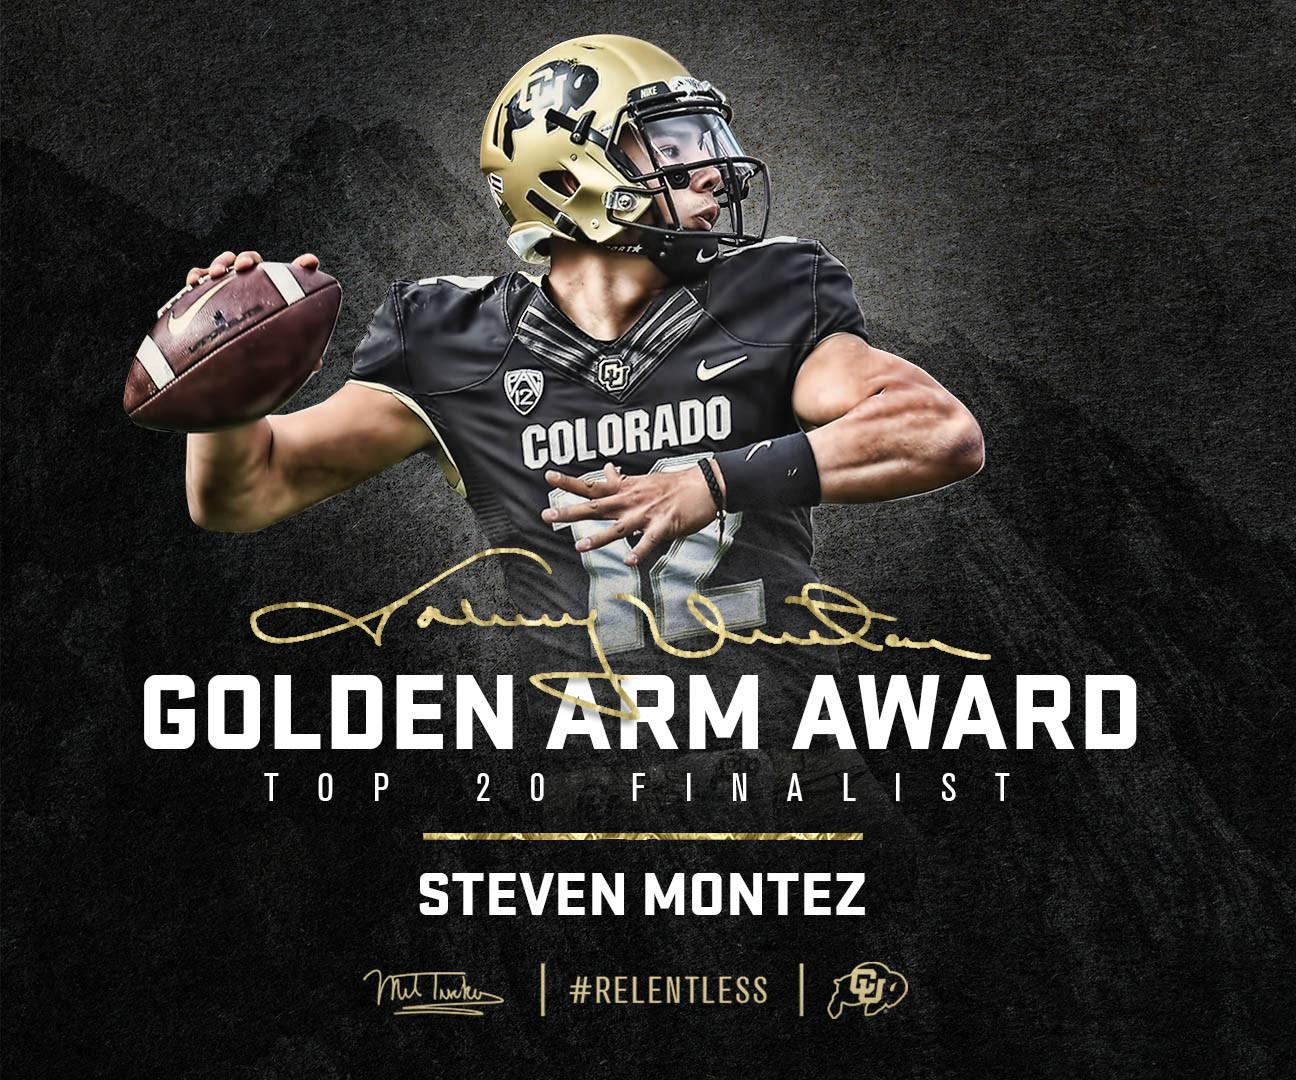 Steven Montez - Johnny Unitas Golden Arm